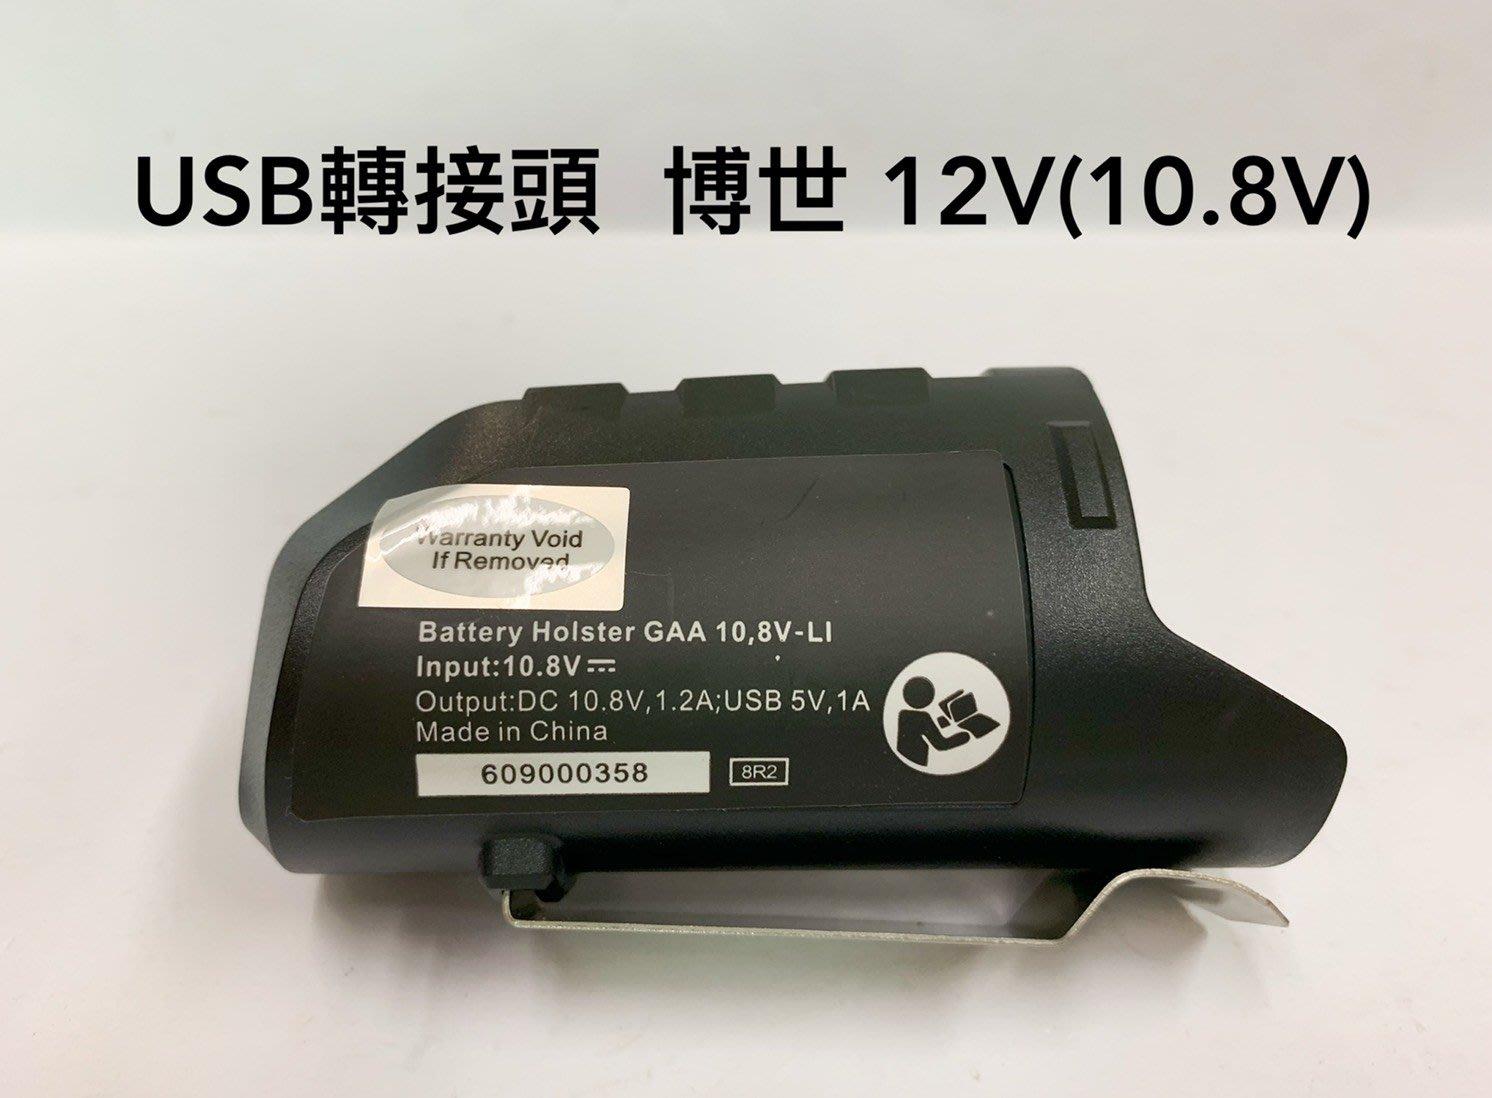 鋰電USB轉接頭 通用 博世12V 10.8V 電動工具電池 / BHB120 / 可充蘋果手機(不含電池及電動工具)